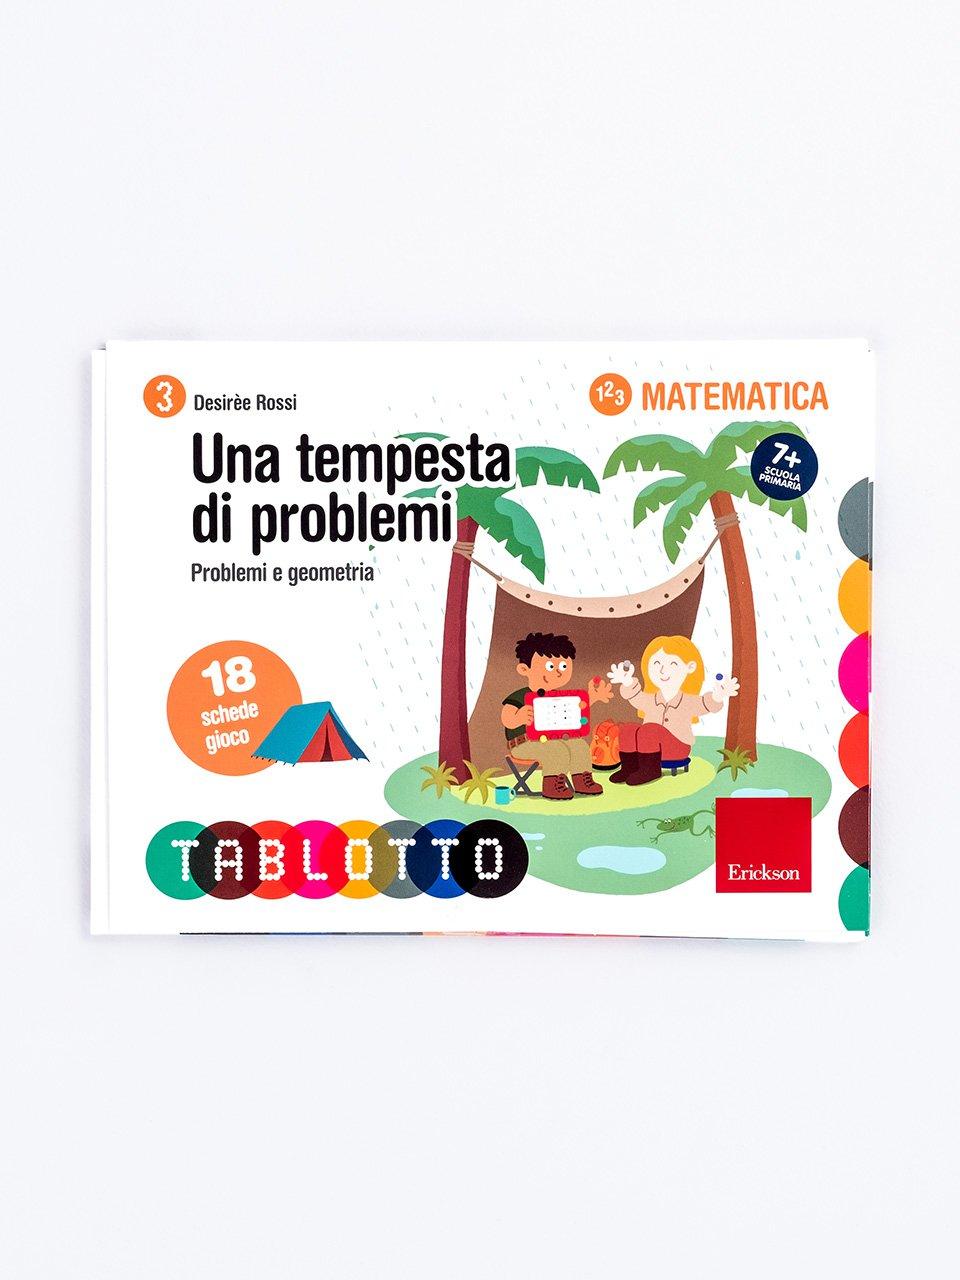 Schede per Tablotto (6-8 anni) - Una tempesta di problemi - Matematica attiva - Libri - Erickson